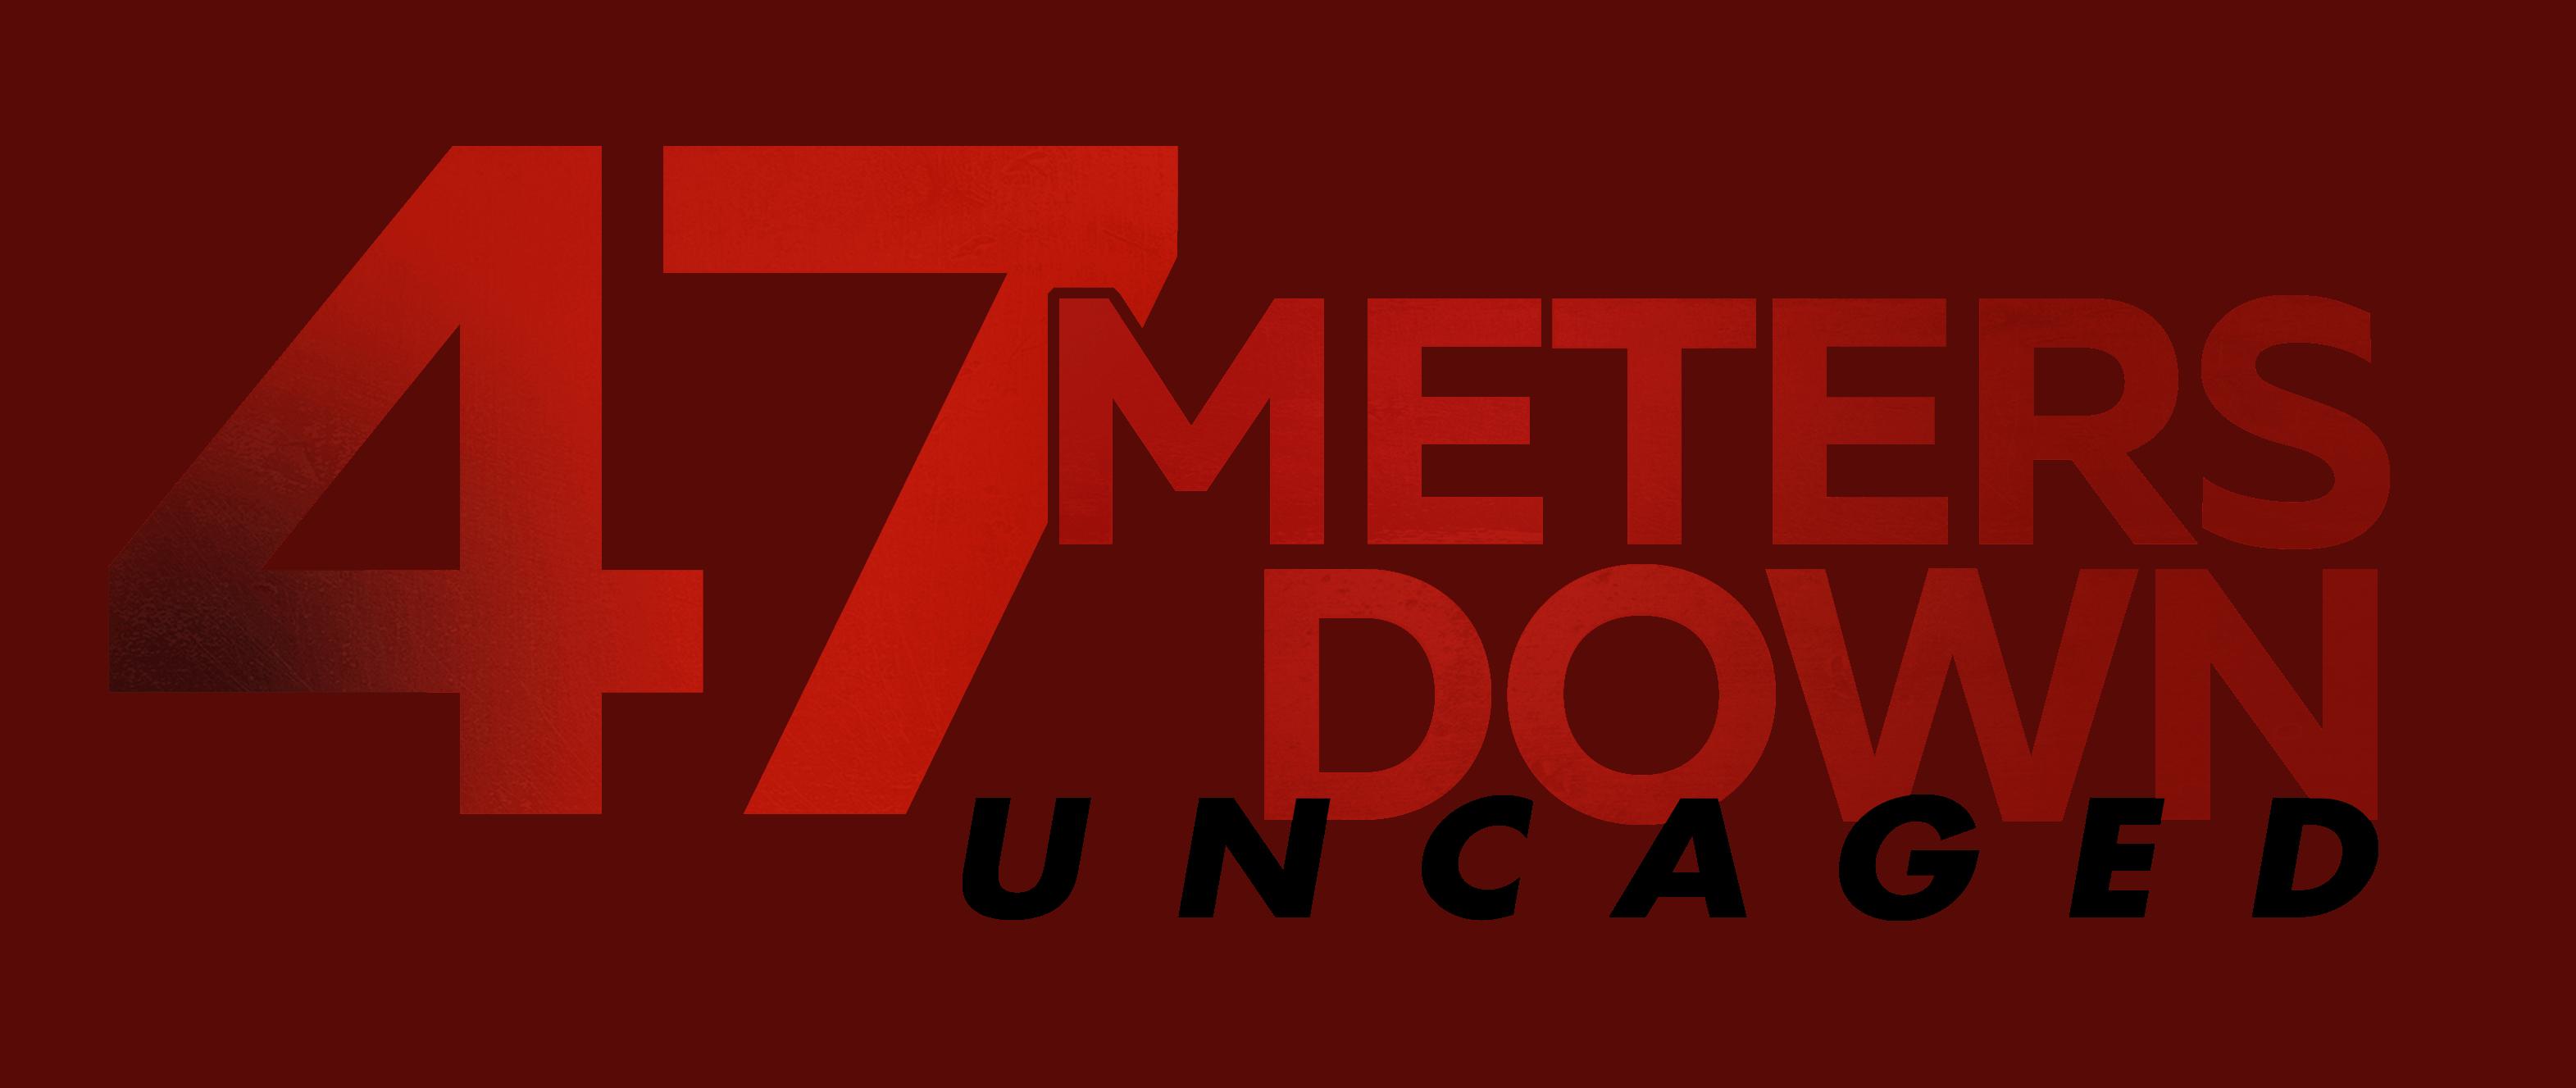 47 Meters Down Uncaged Blu LOGO